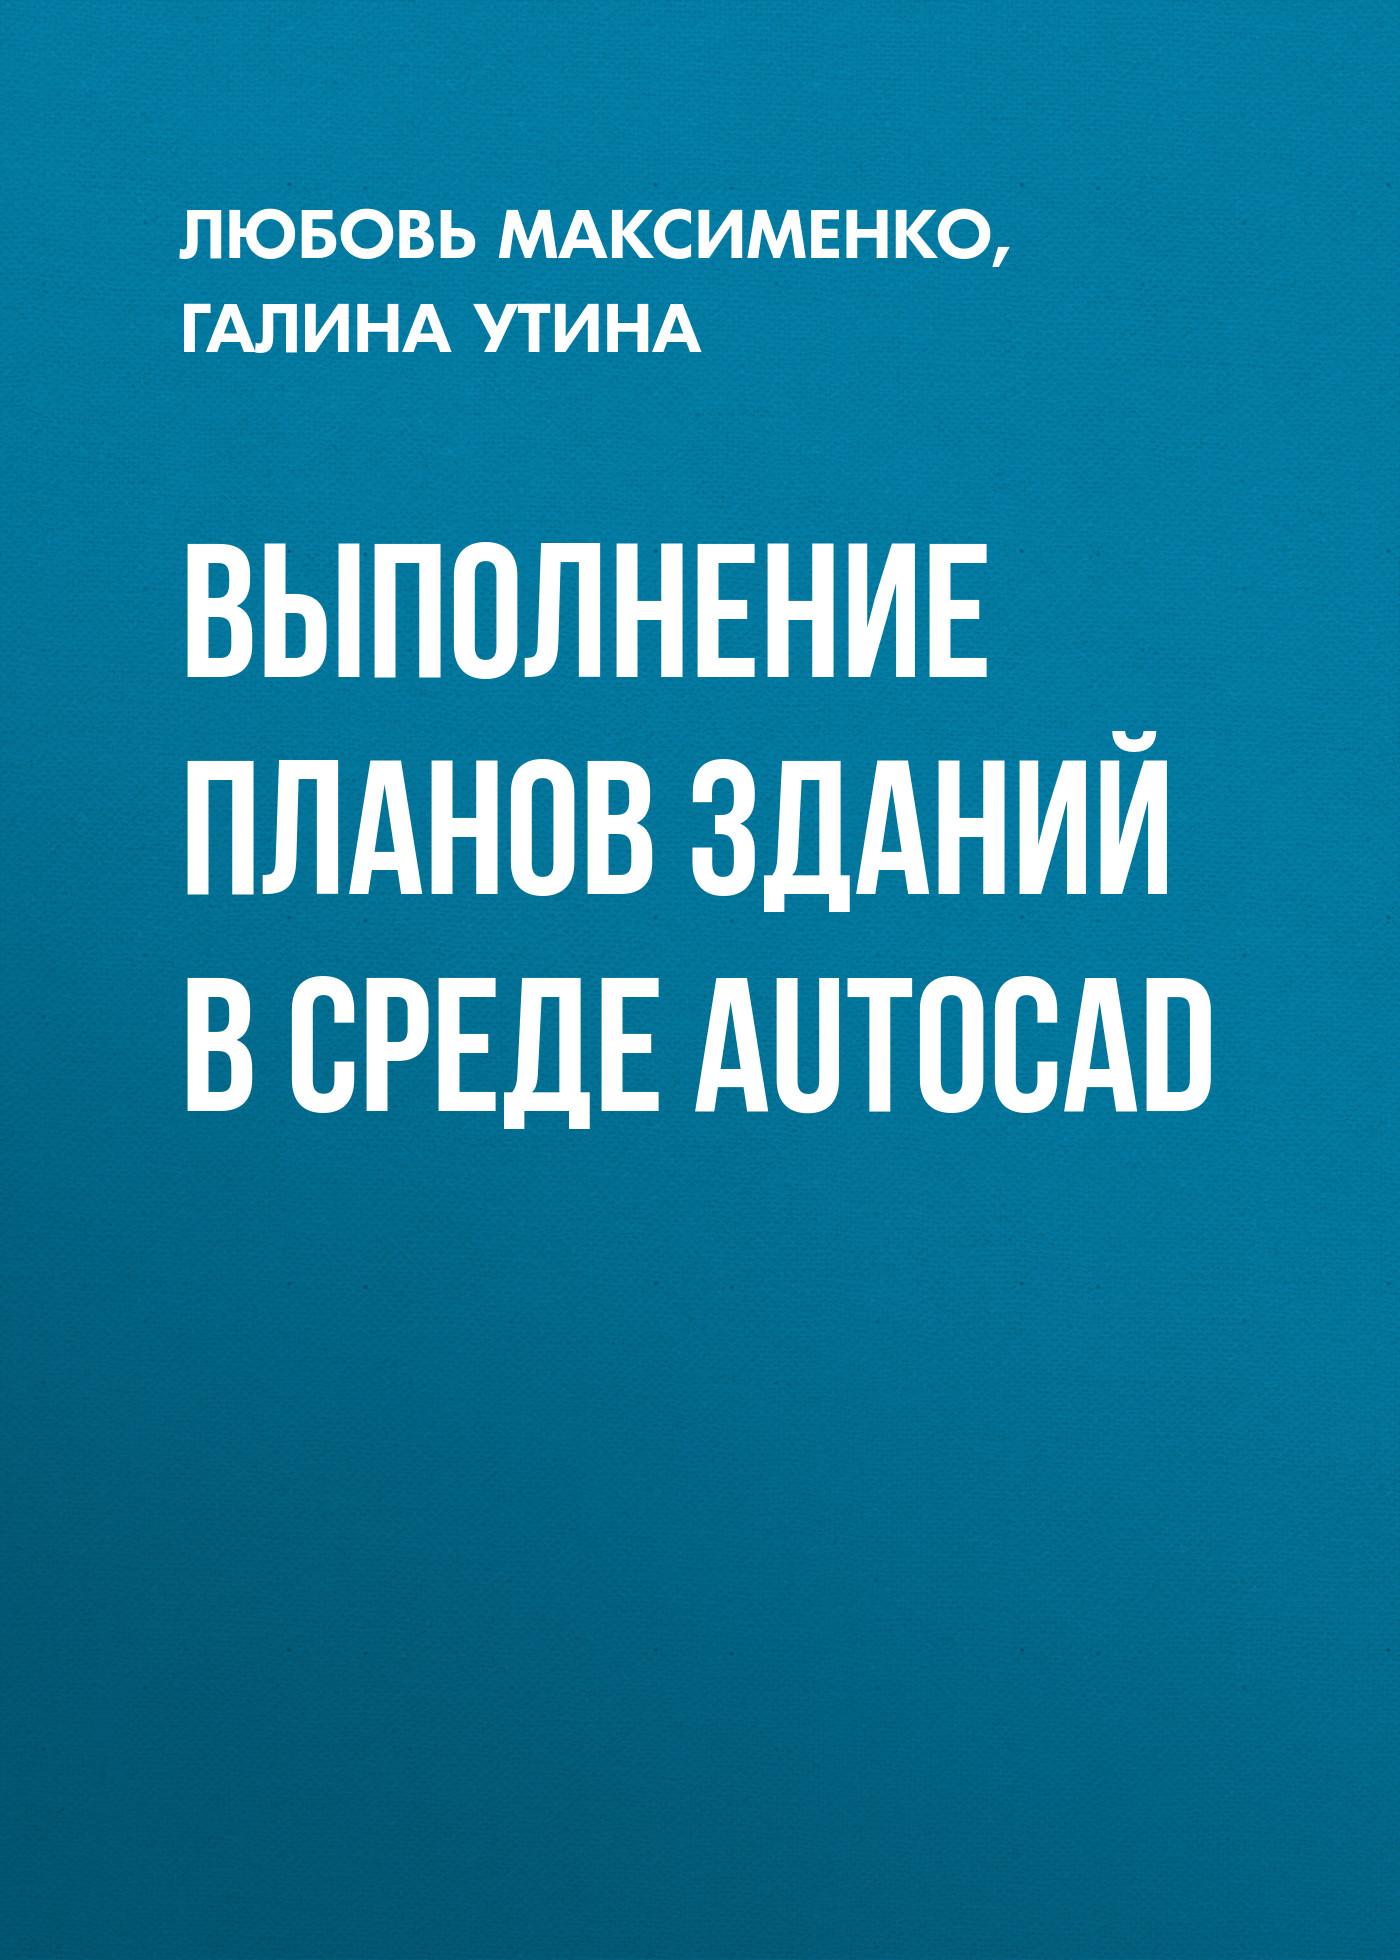 Галина Утина Выполнение планов зданий в среде AutoCAD